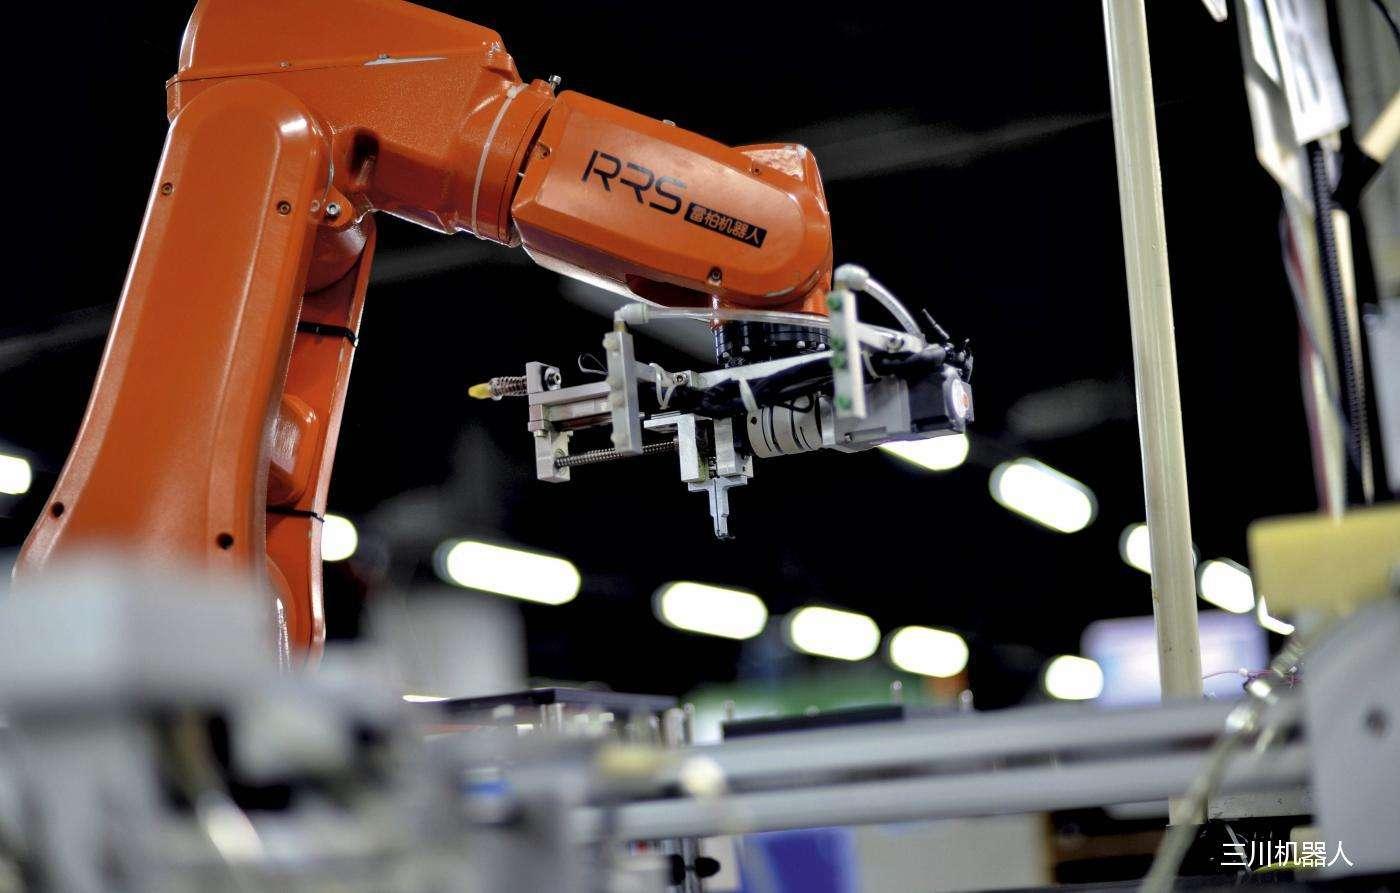 我国工业机器人迅速增长 深度融入制造业